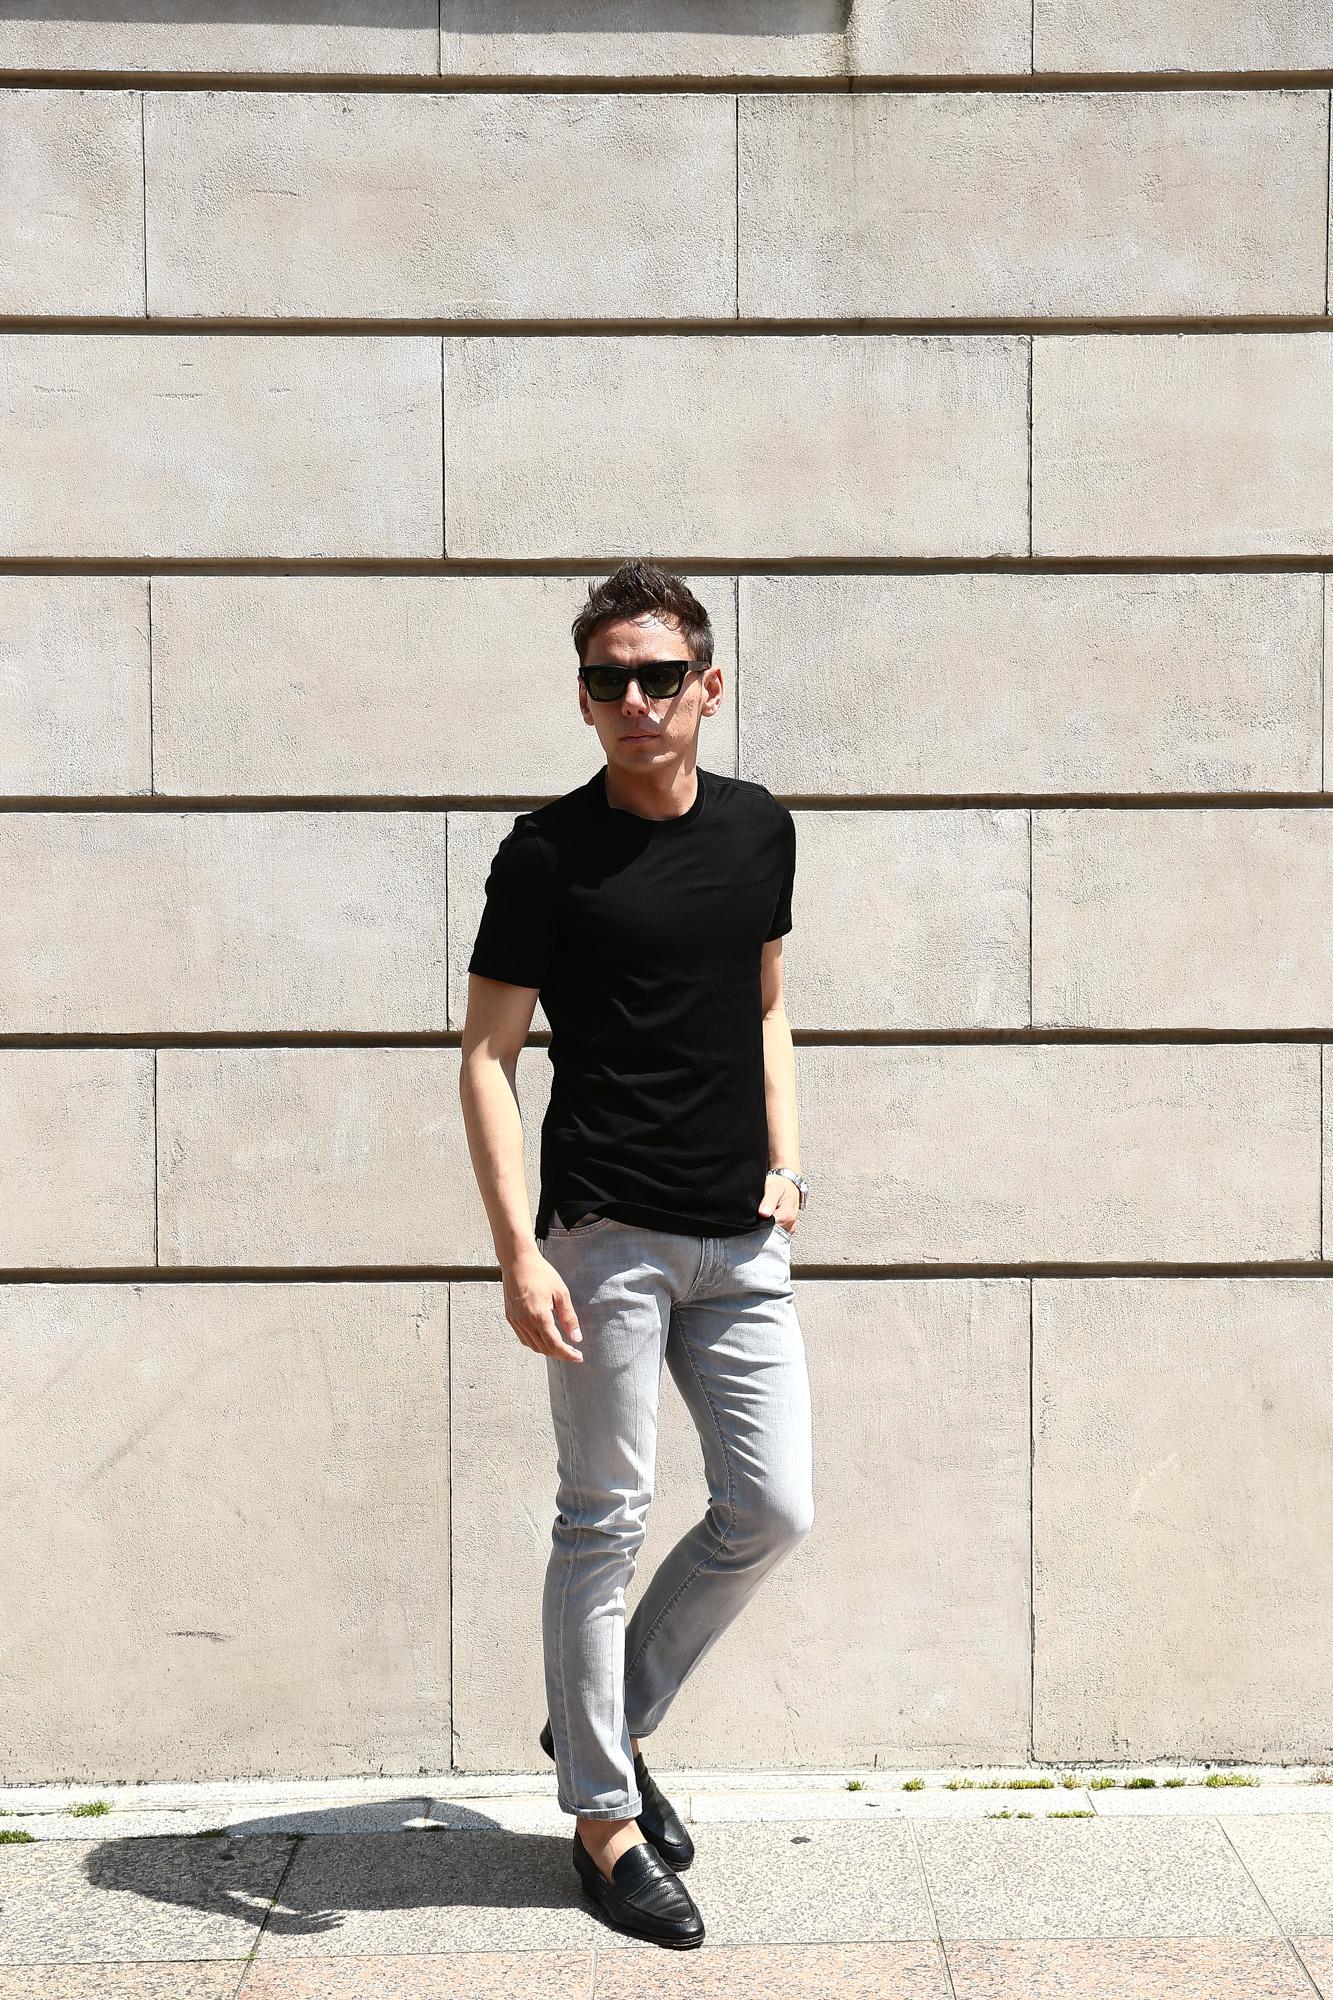 クルーネック /(ホワイト/) WHITE クルチアーニ made in italy Tシャツ /(Cruciani/) /(イタリア製/) Cotton Jersey Crew Neck T-shirt /(コットン ジャージー クルーネック Tシャツ/)